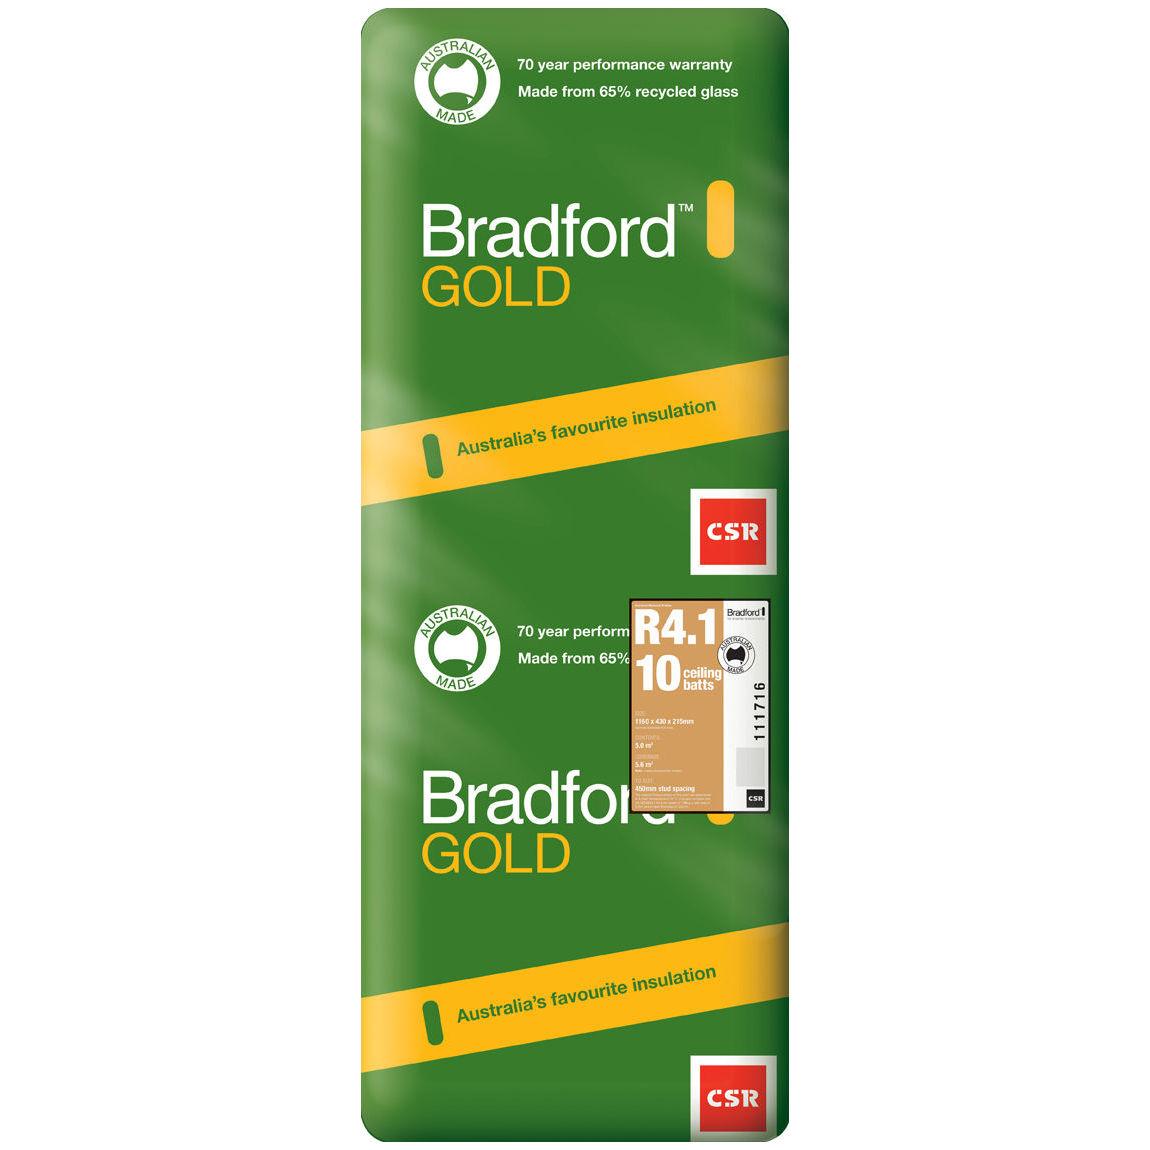 Bradford R4.1 Ceiling Batt